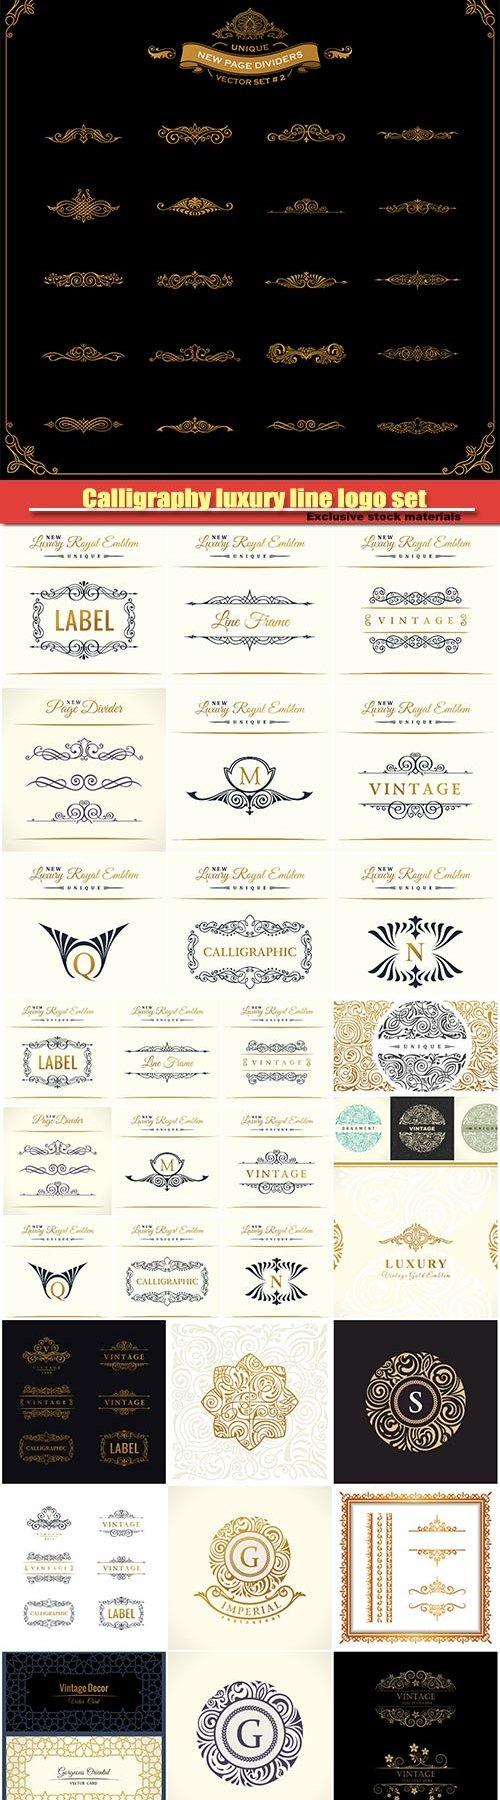 Calligraphy luxury line logo set, gold frame, emblem monogram, vintage design